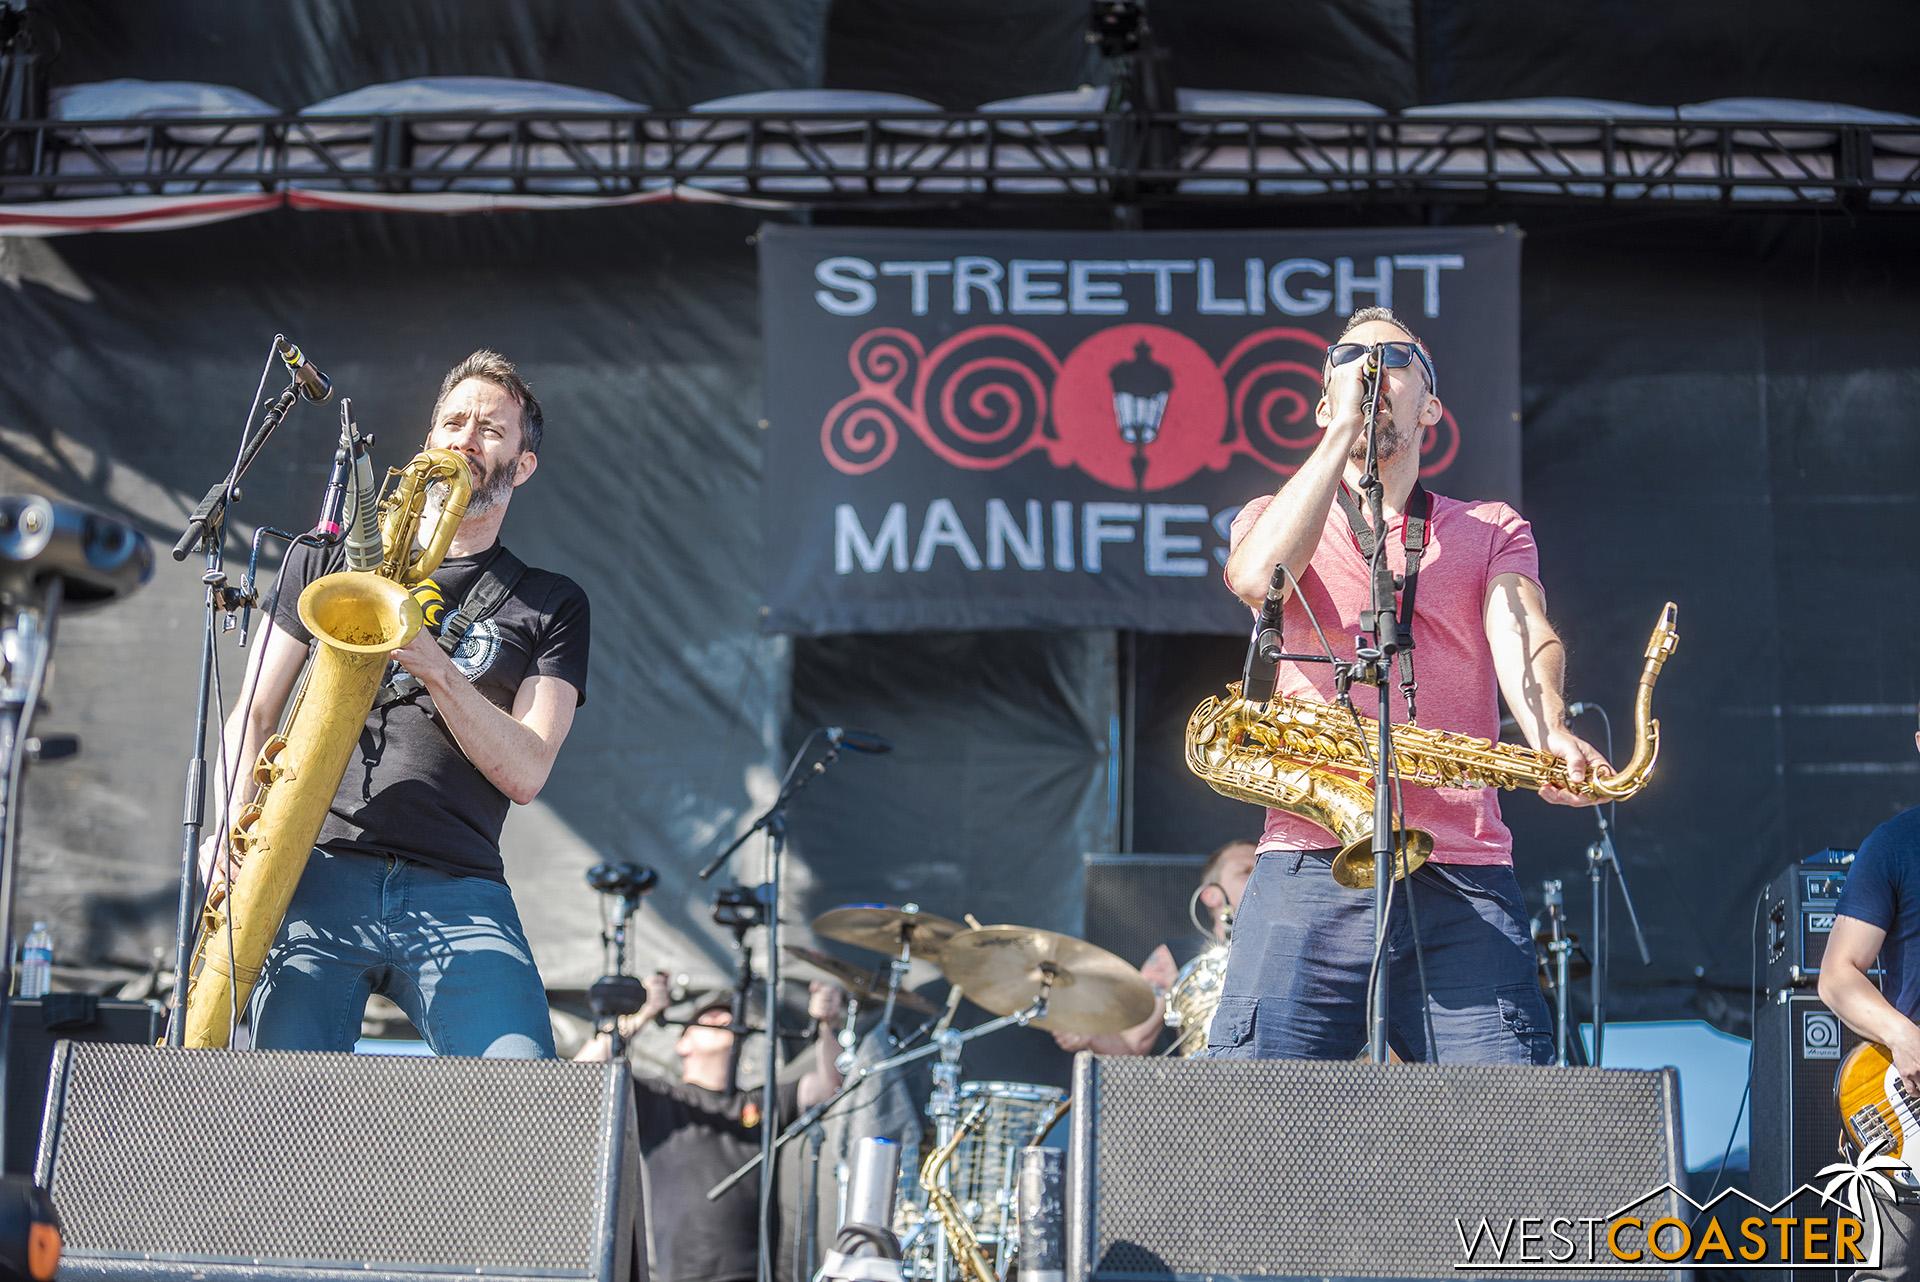 Sat05-StreetlightManifesto-0024.jpg